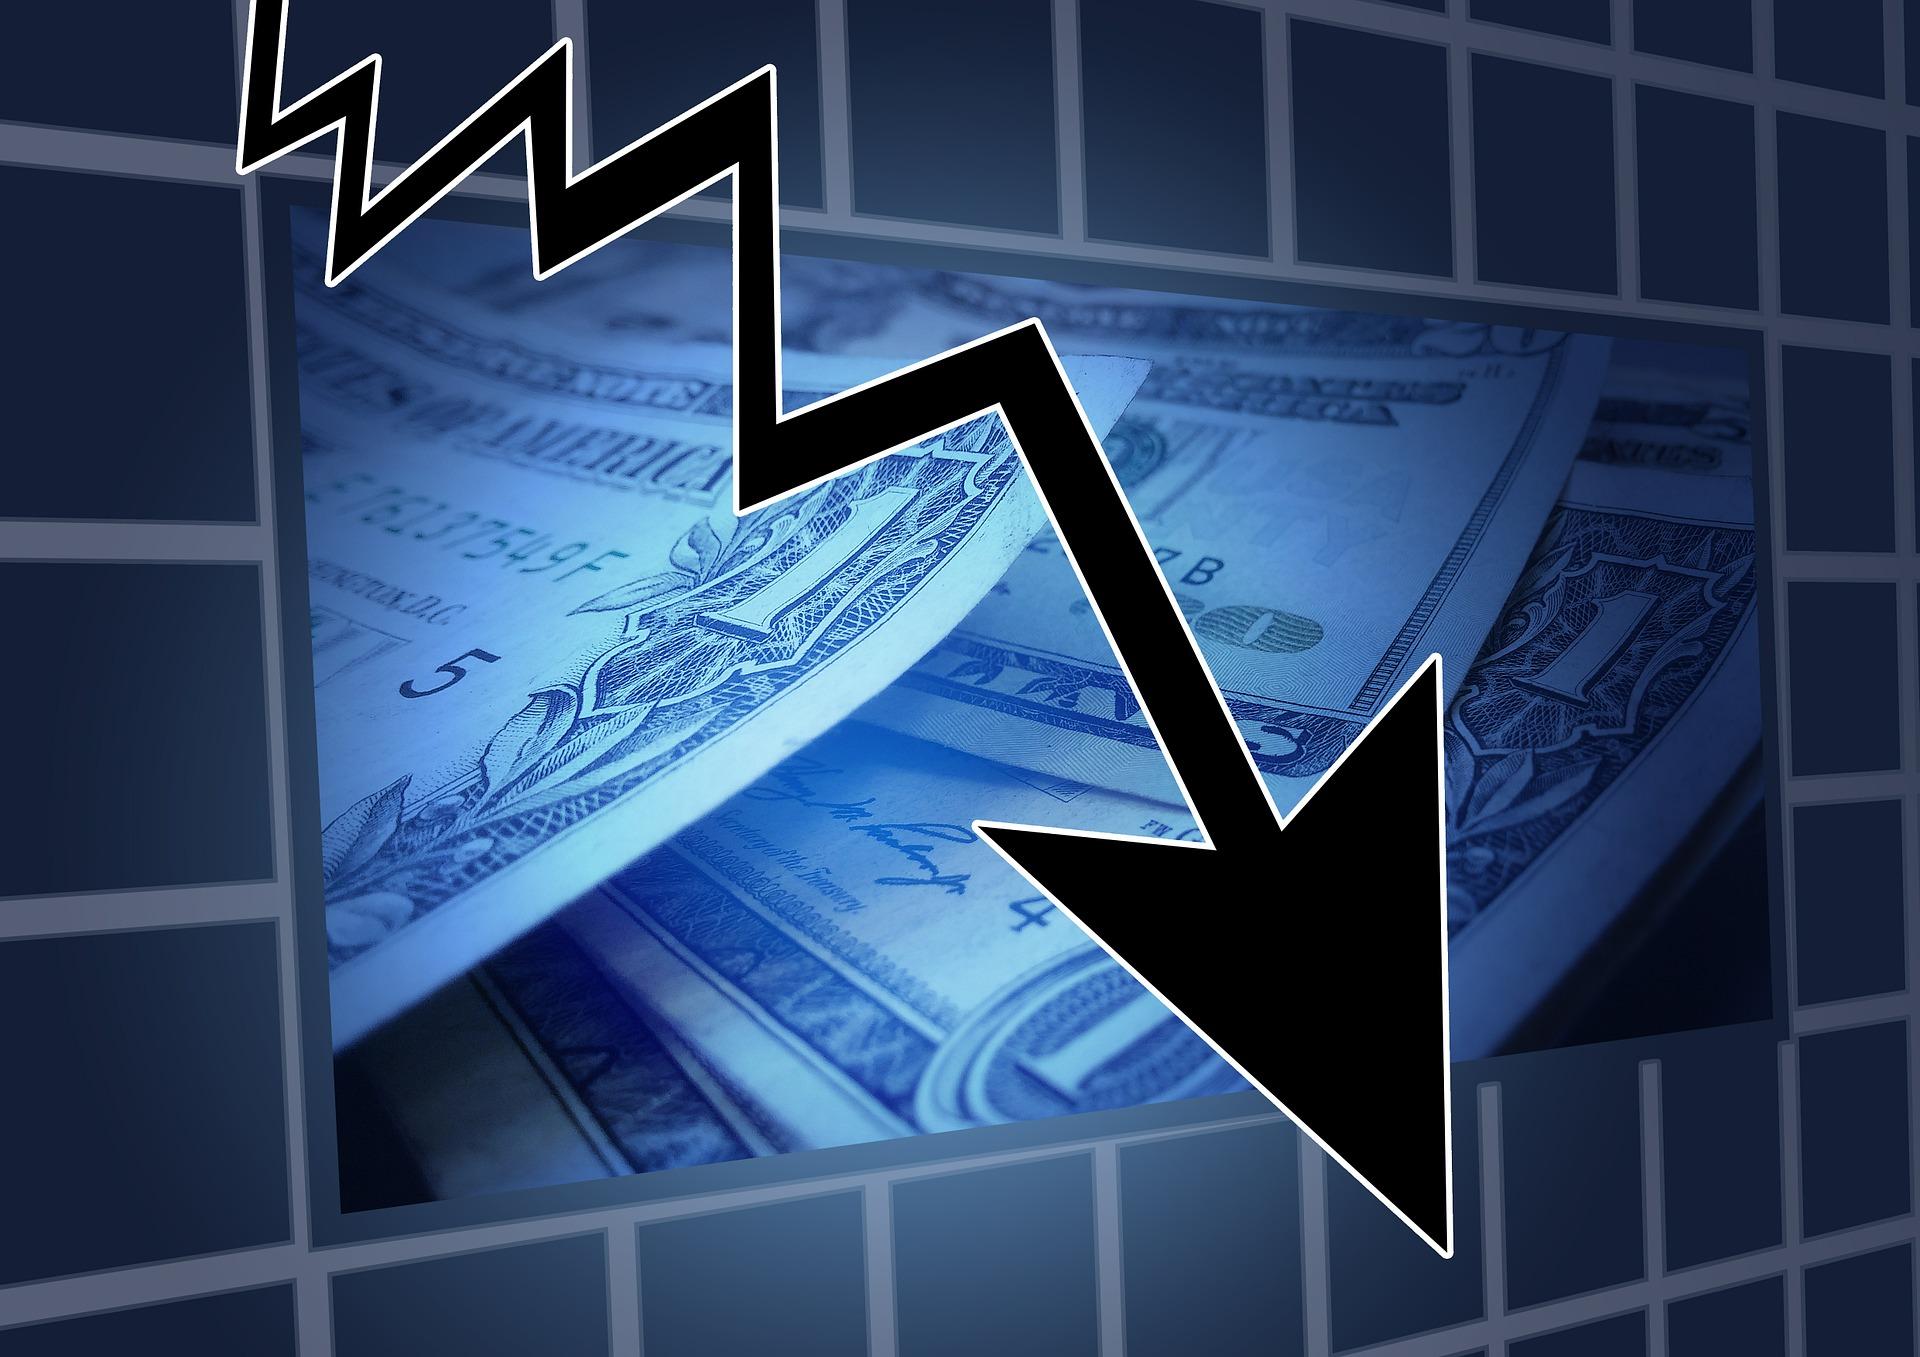 Stock Market Financial Crisis